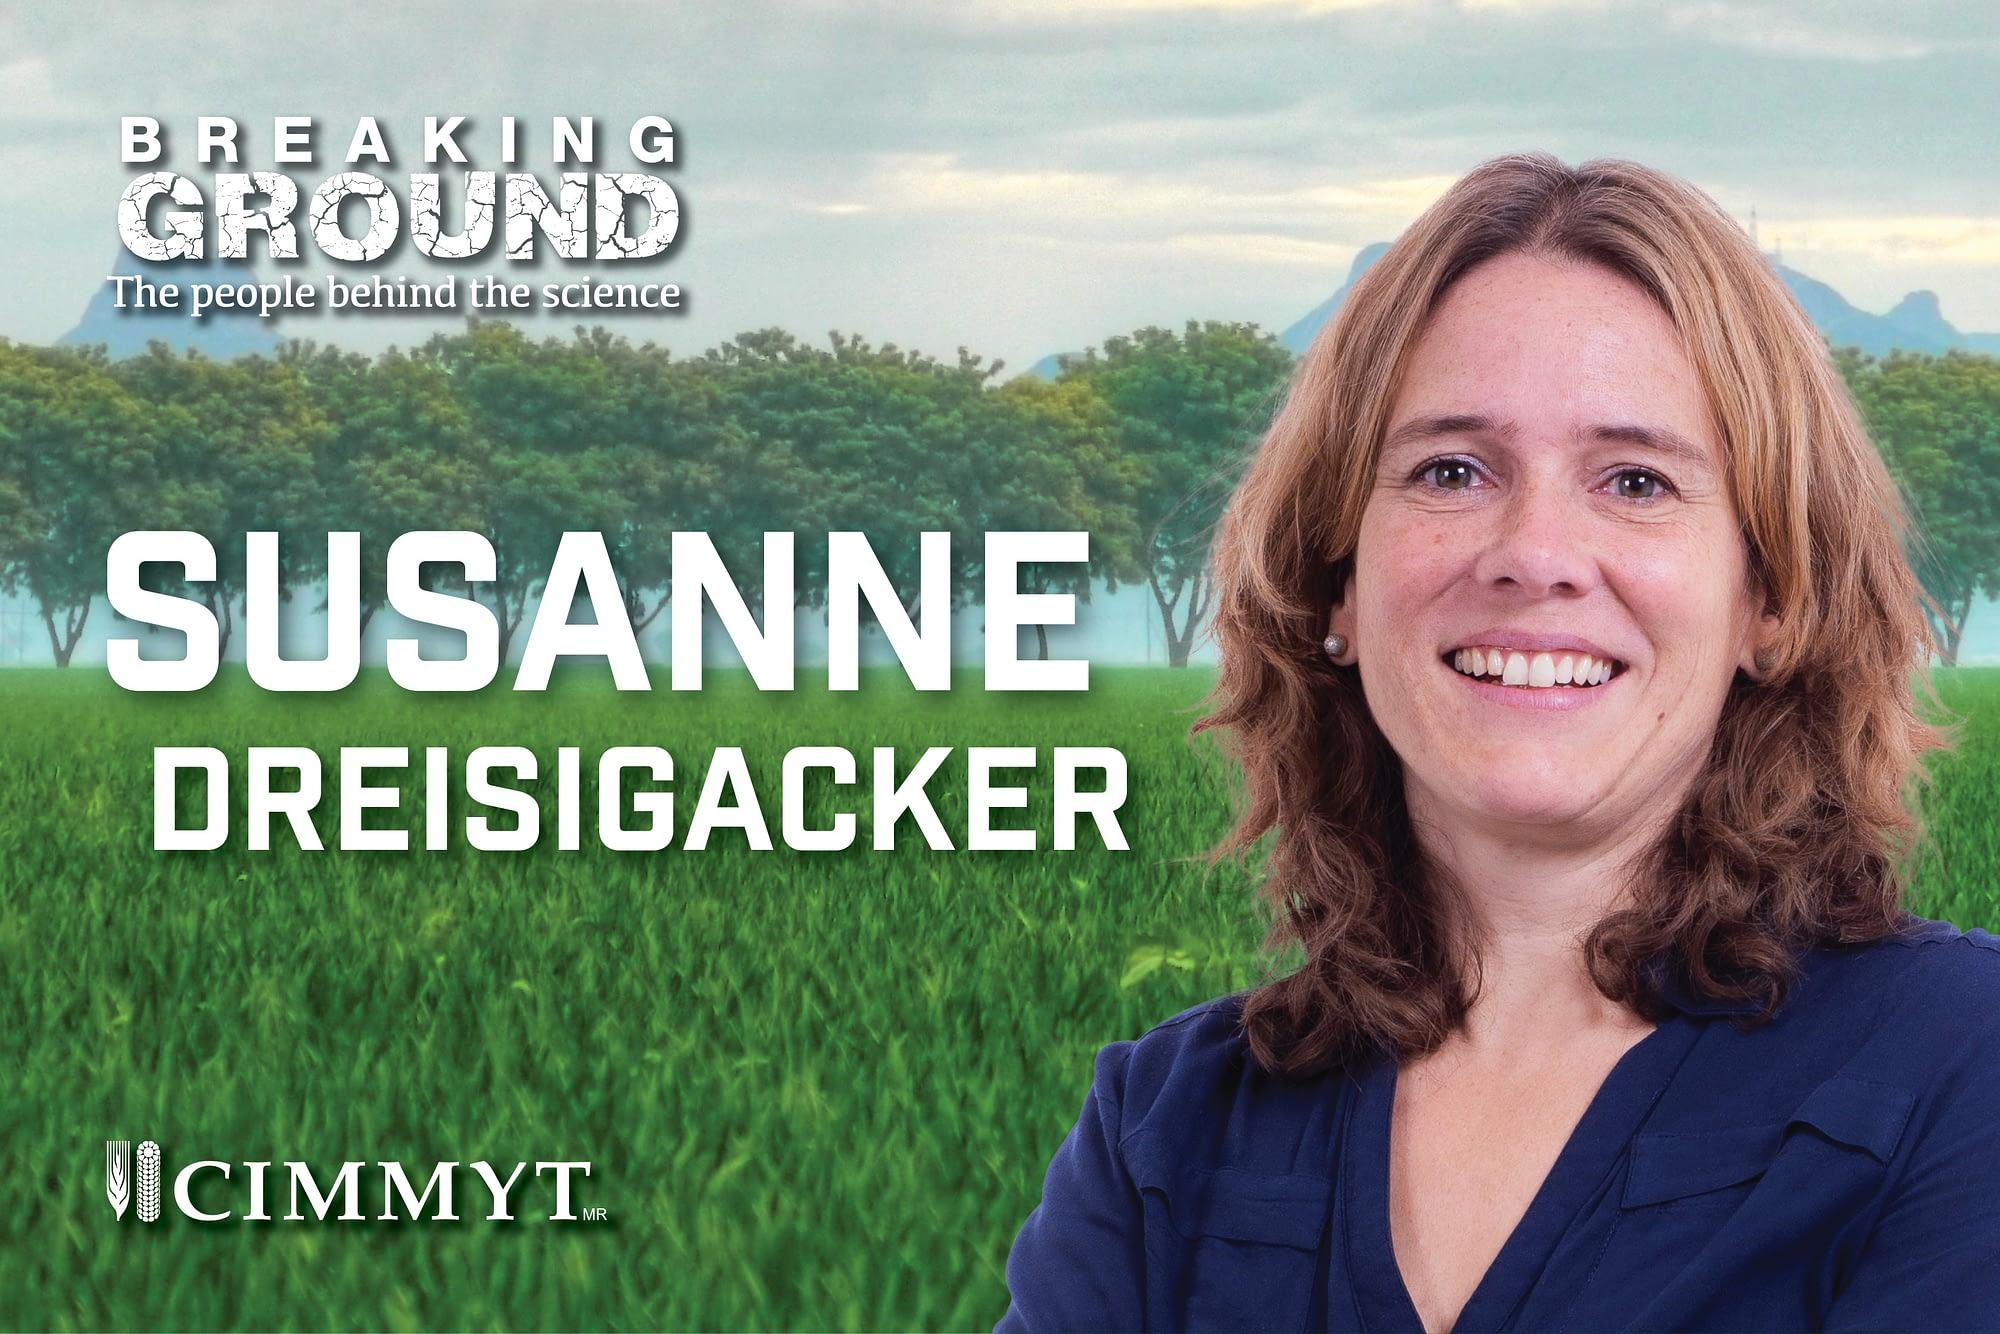 Breaking Ground: Susan Dreisigacker